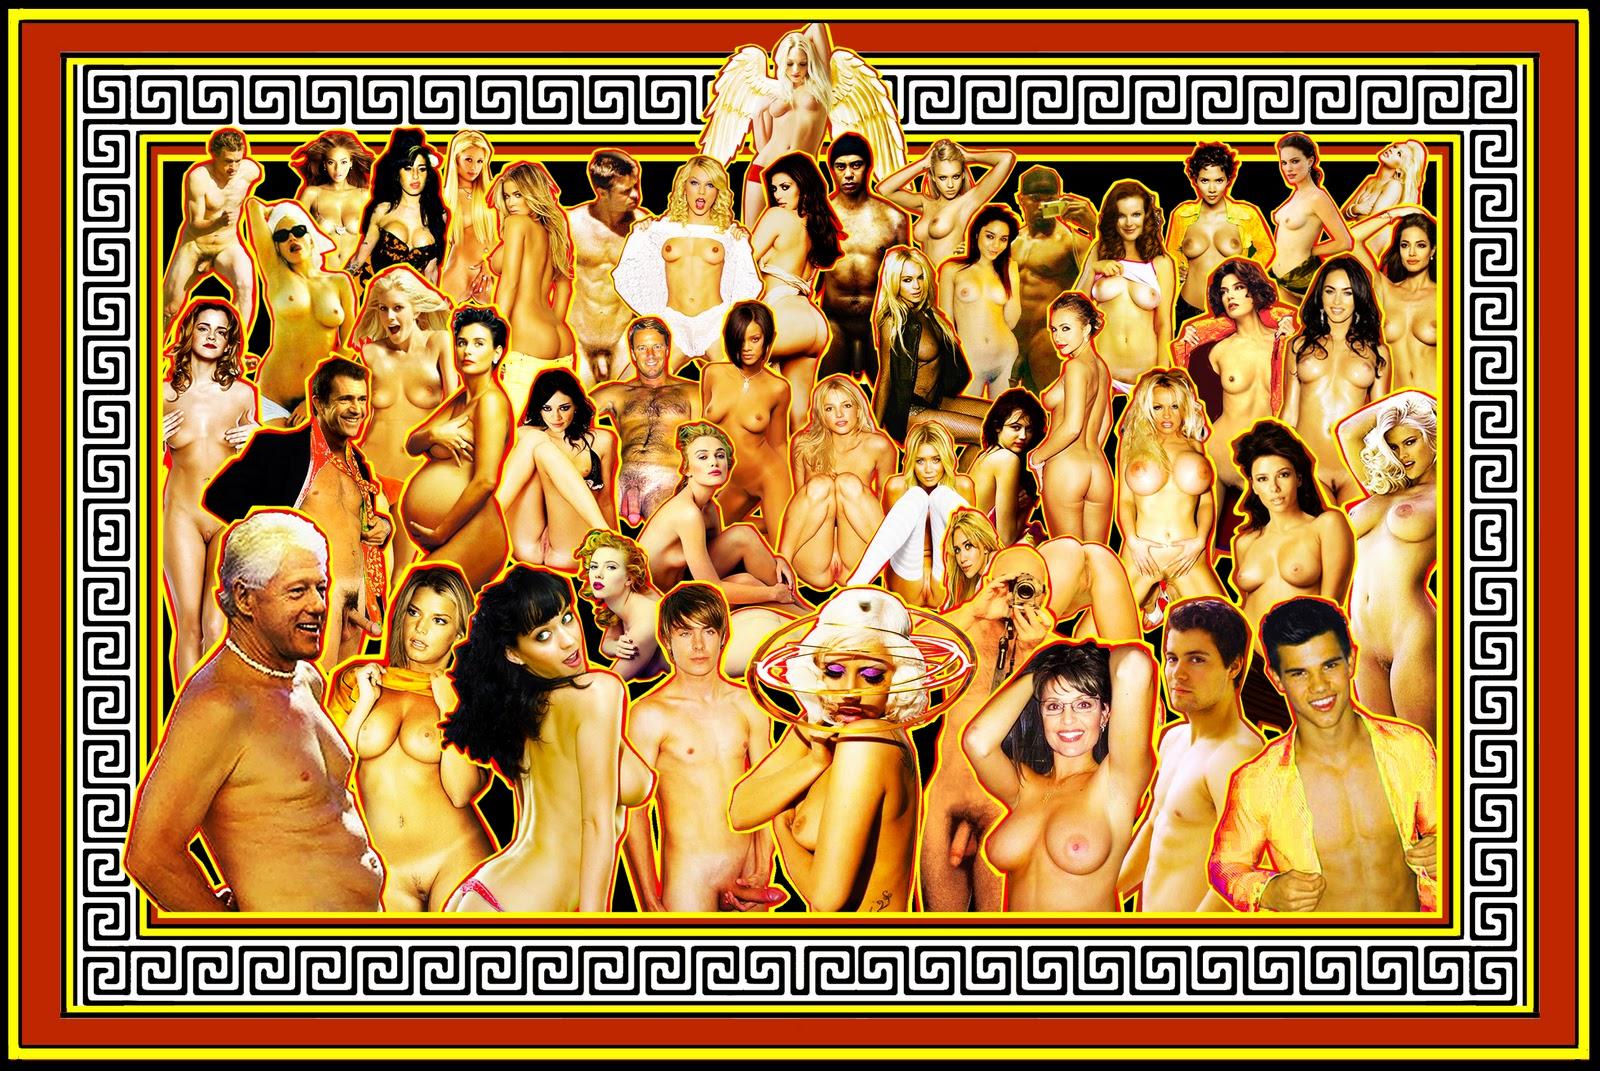 http://4.bp.blogspot.com/_MZ03mKAFHuM/TQSEUROMn3I/AAAAAAAAEEA/S4Ryoim2LDE/s1600/Caligula.jpg